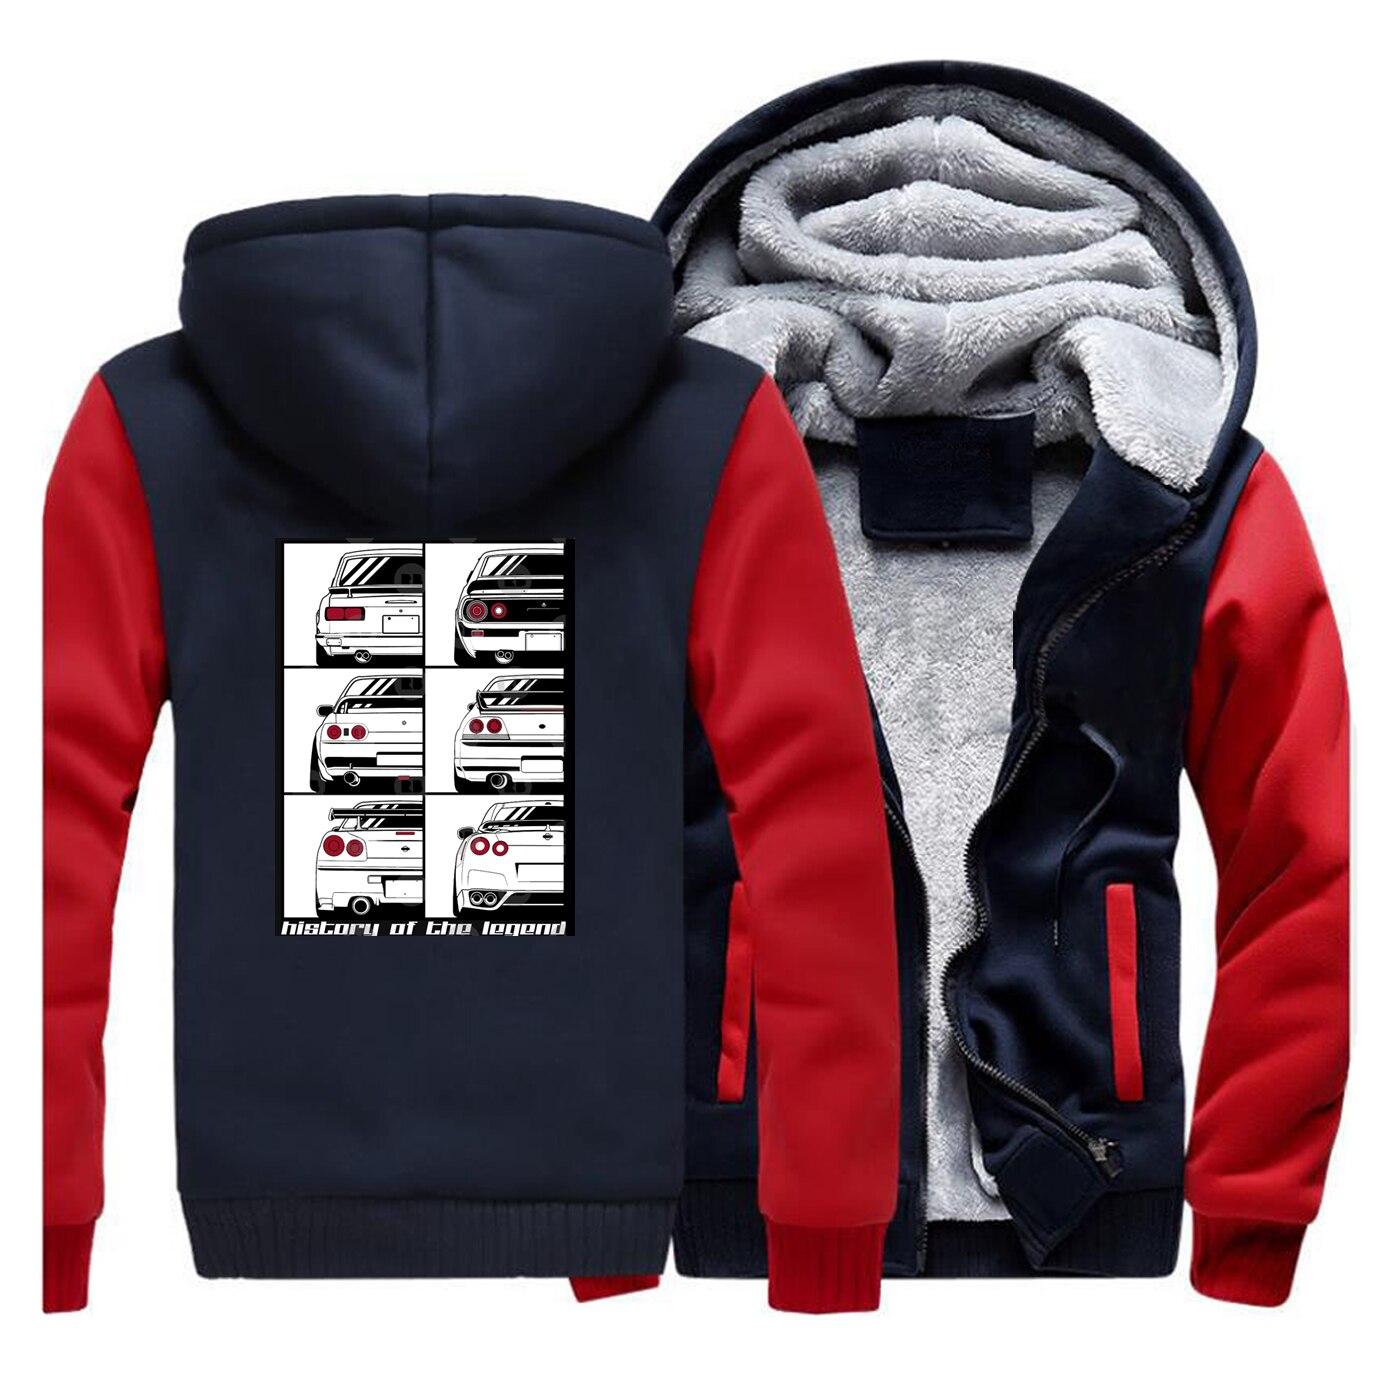 Novelty GTR Car Men Winter Thick Fleece Warm Jacket Hoodies Japan Anime Coat Male Sweartshirt Thicken Sportswear Outwaert Coats